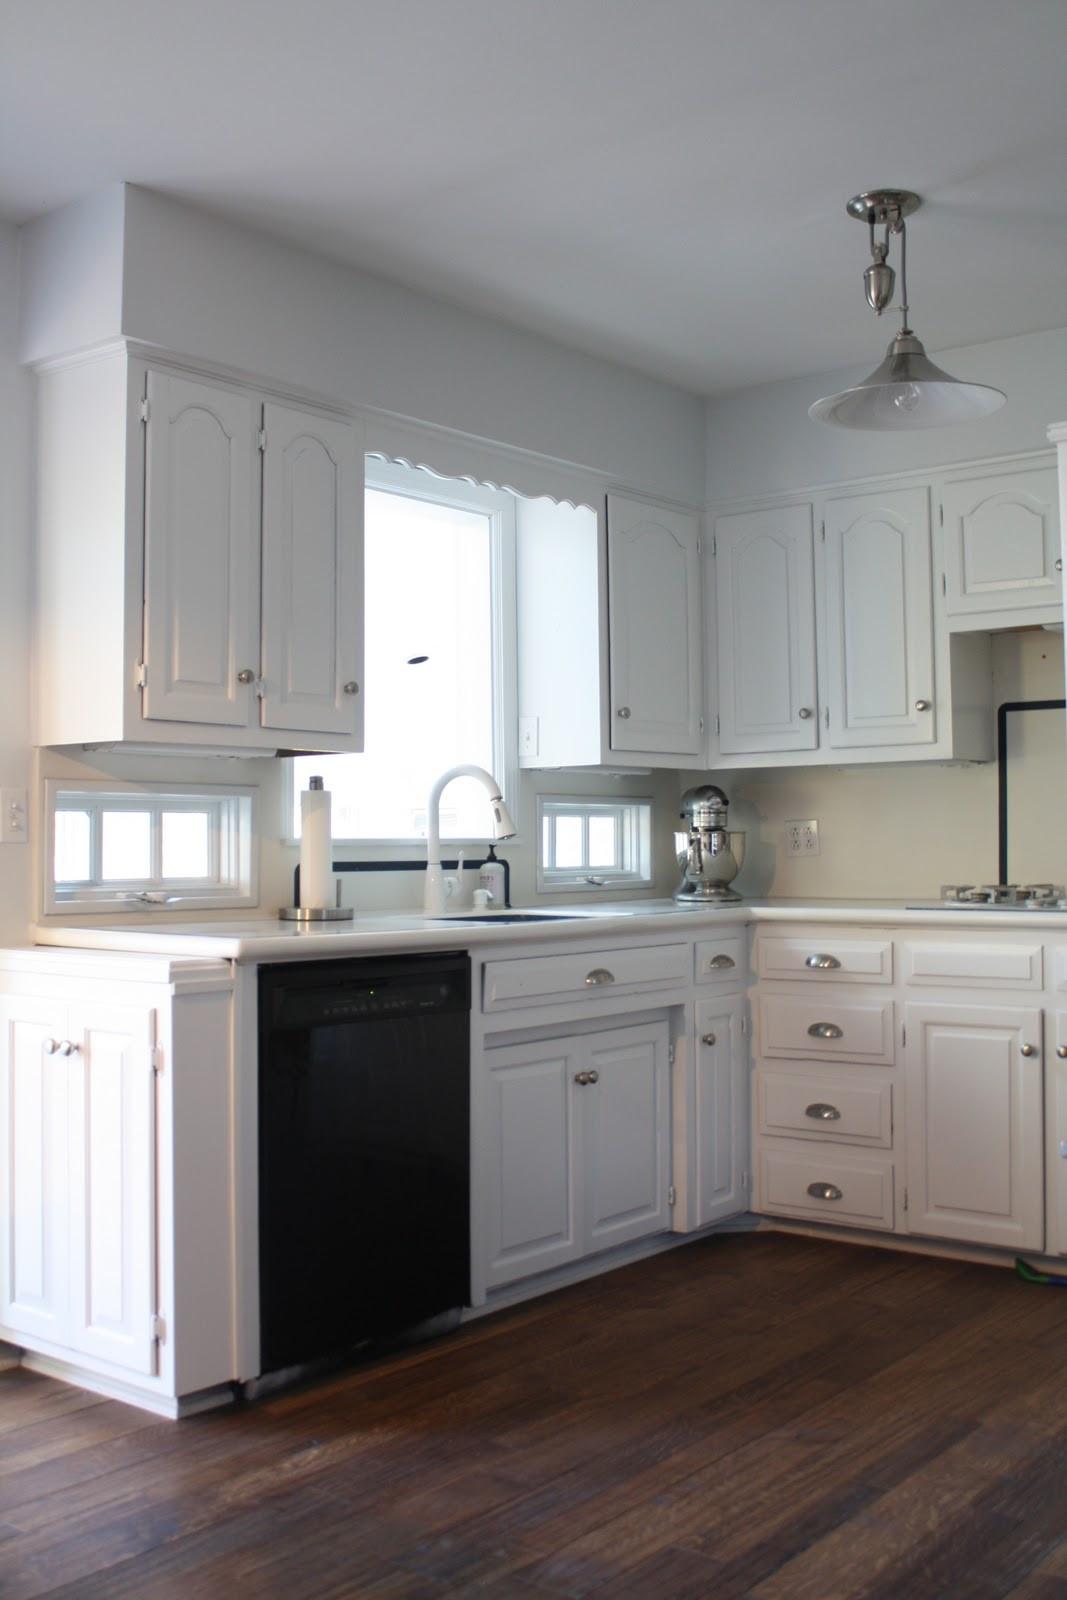 Best ideas about DIY Kitchen Updates . Save or Pin Kitchen Updates Julie Blanner Now.